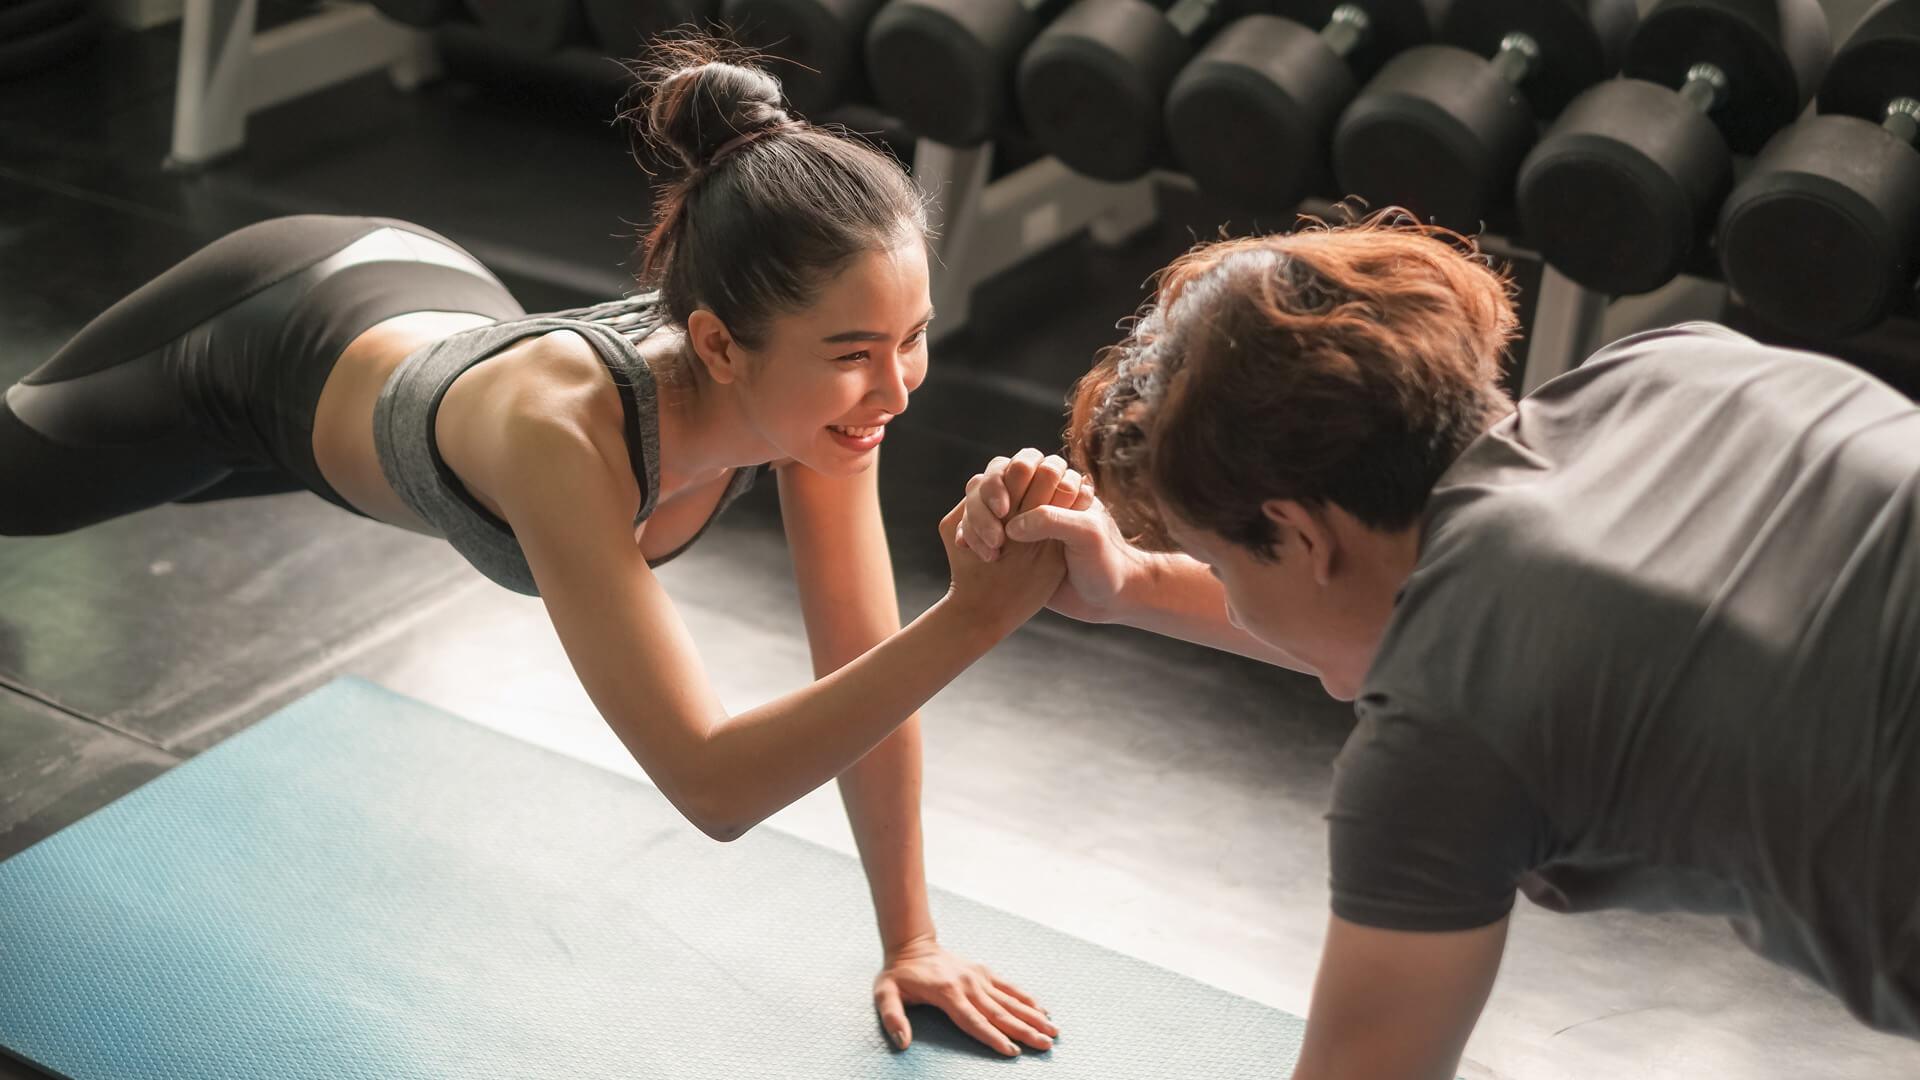 Nếu bạn không tập thể dục, theo thời gian sức khỏe tim-hô hấp (CRF) của bạn sẽ giảm.